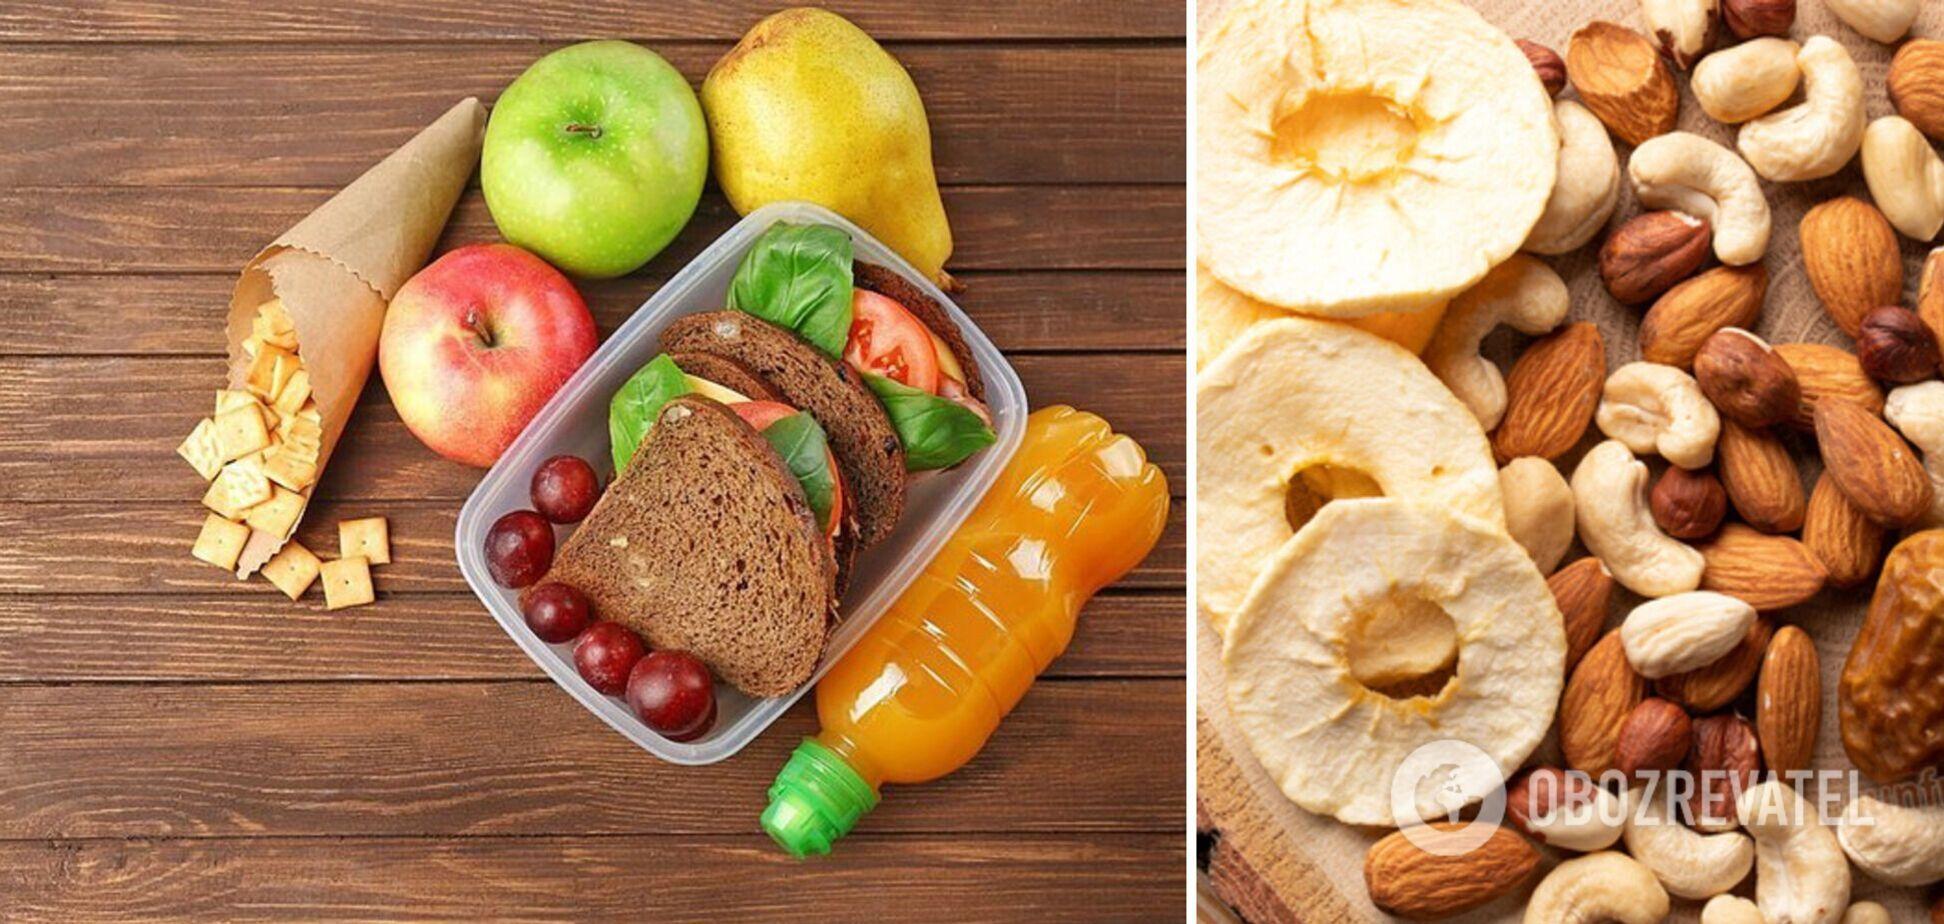 Що дати дитині в школу для перекусу, крім бутерброду